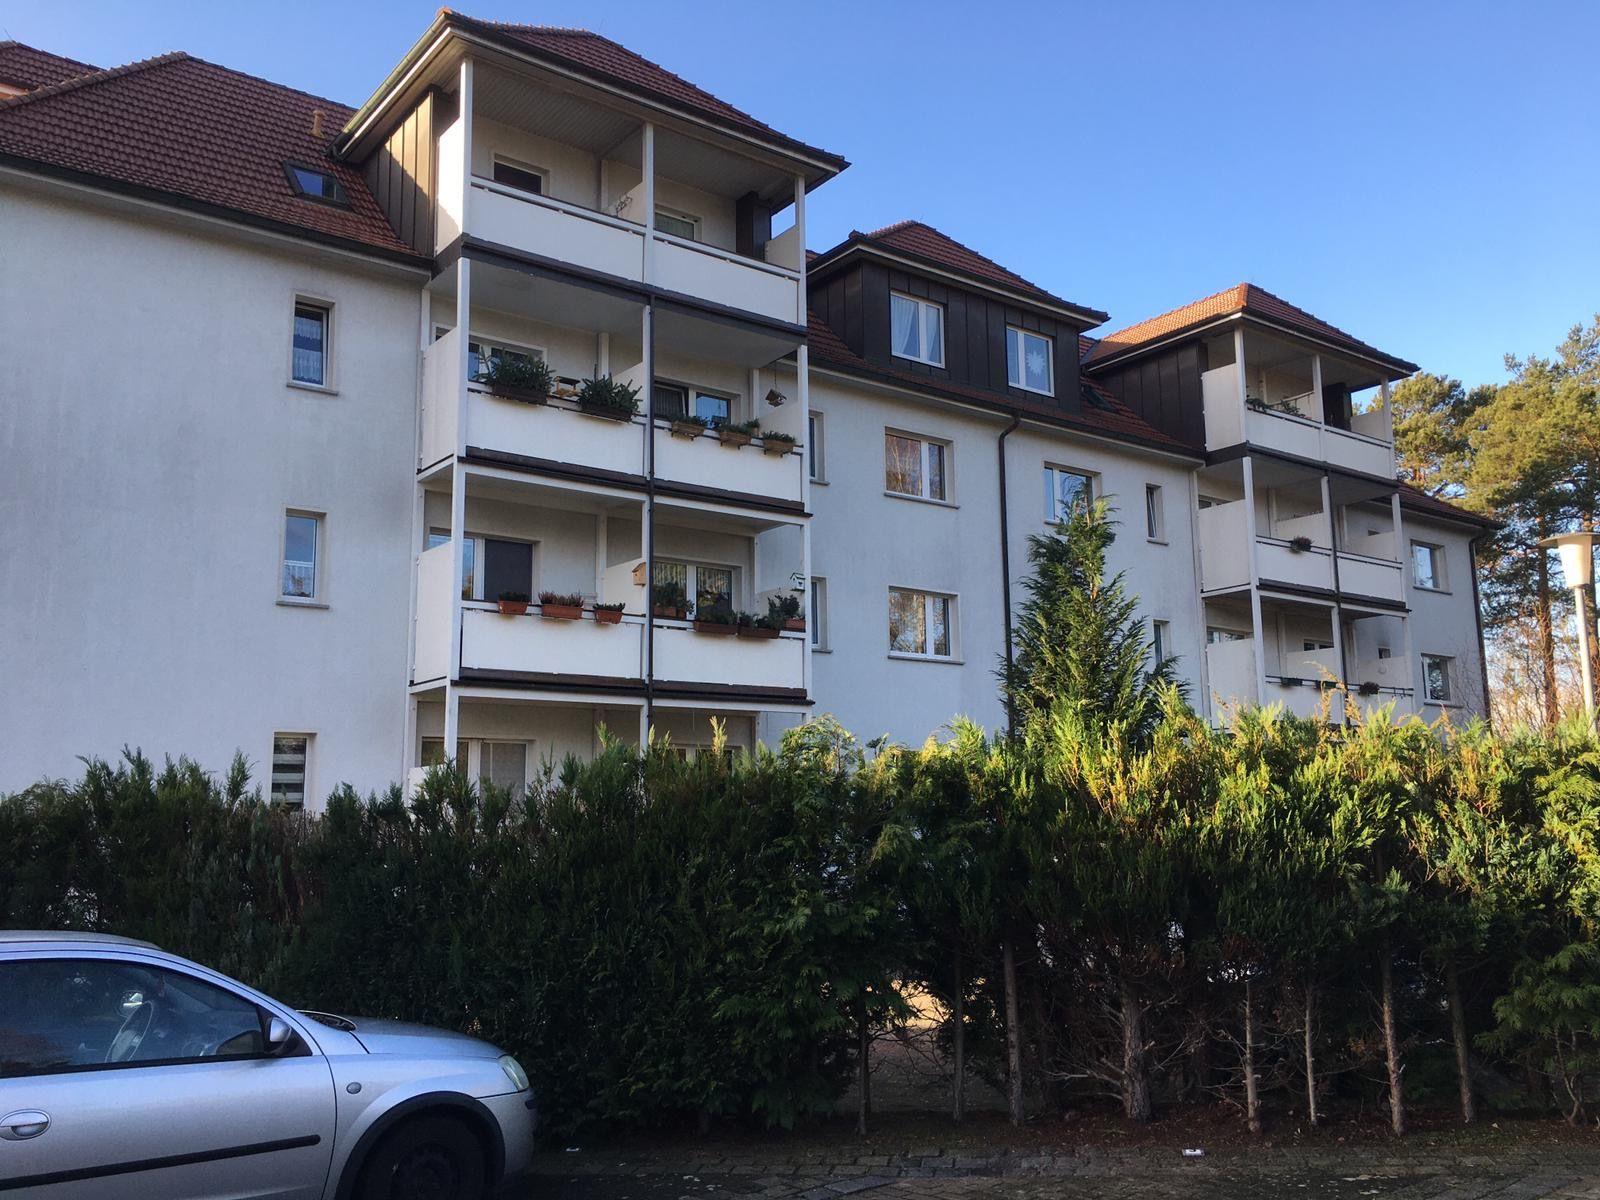 Rudolf-Vogler-Straße 2-4